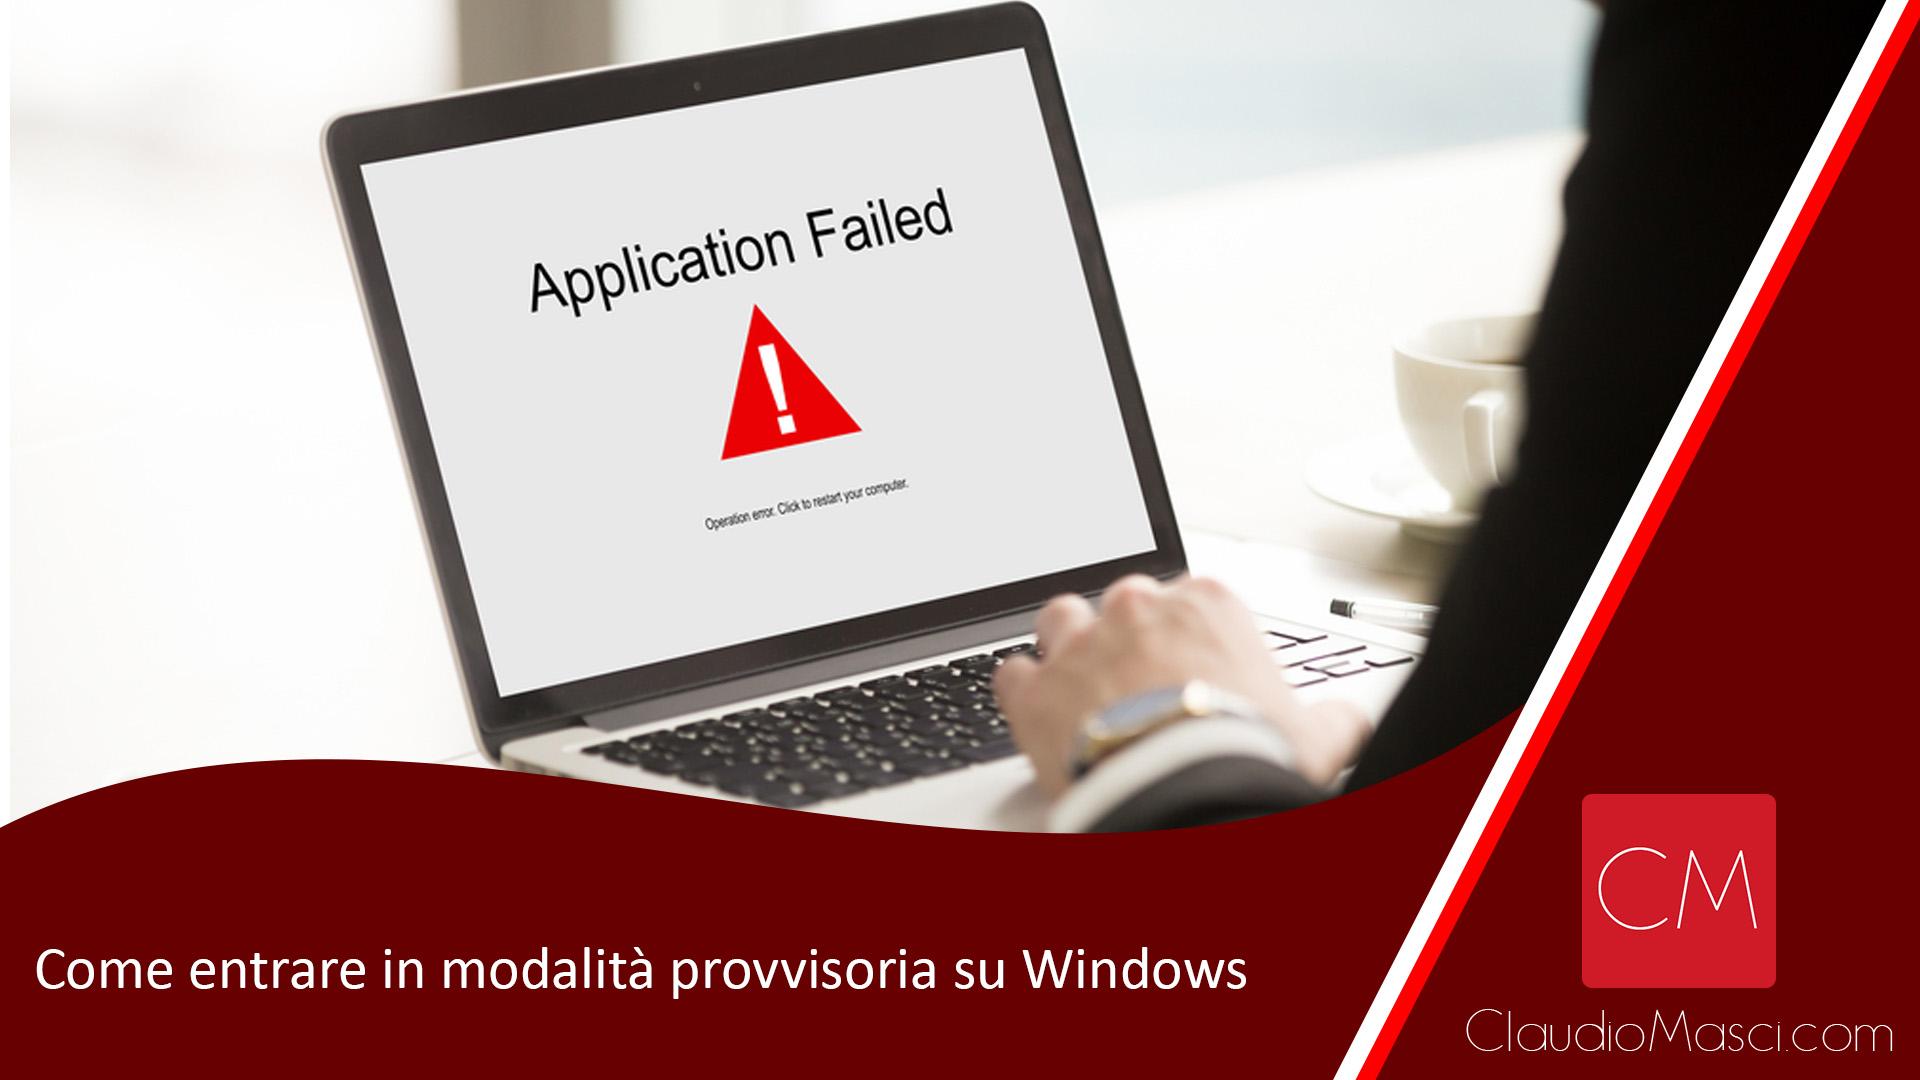 Come entrare in modalità provvisoria su Windows